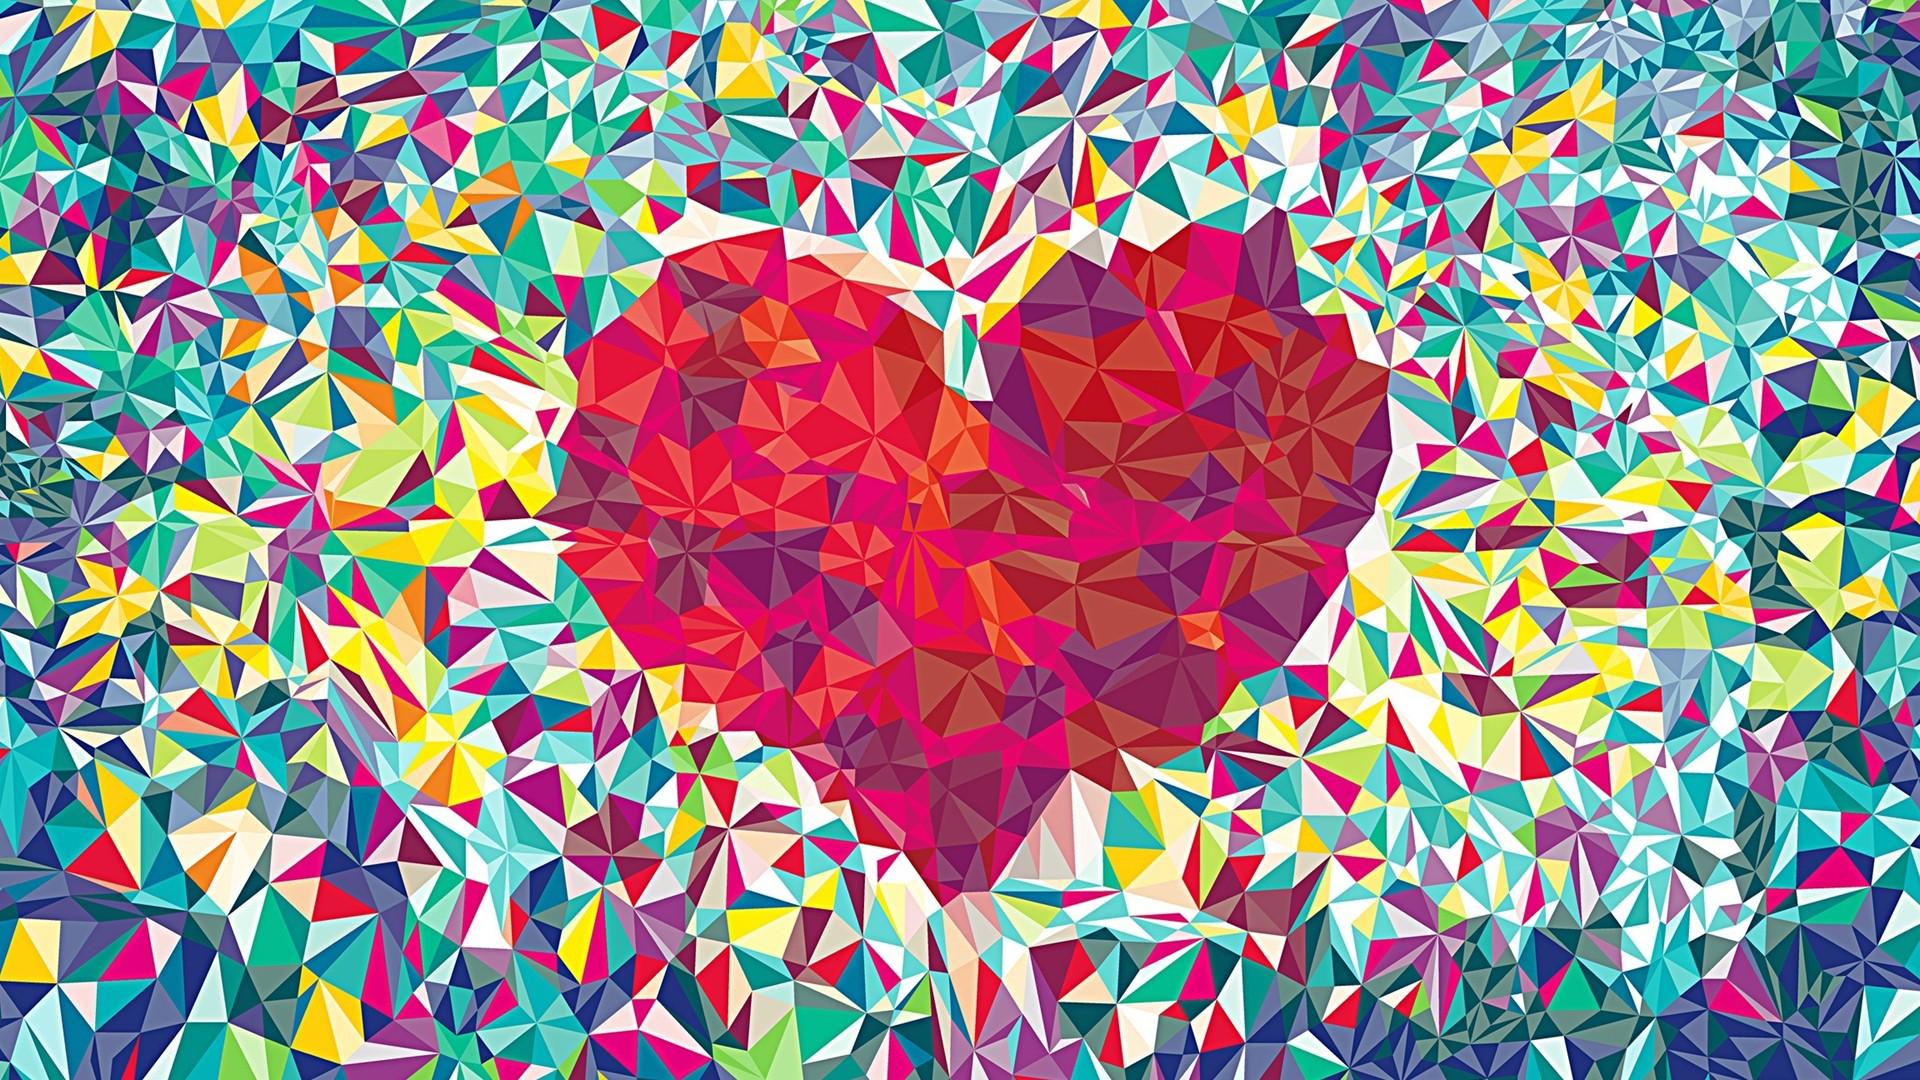 cool wallpapers love heart hd wallpaper of love hdwallpaper2013 com